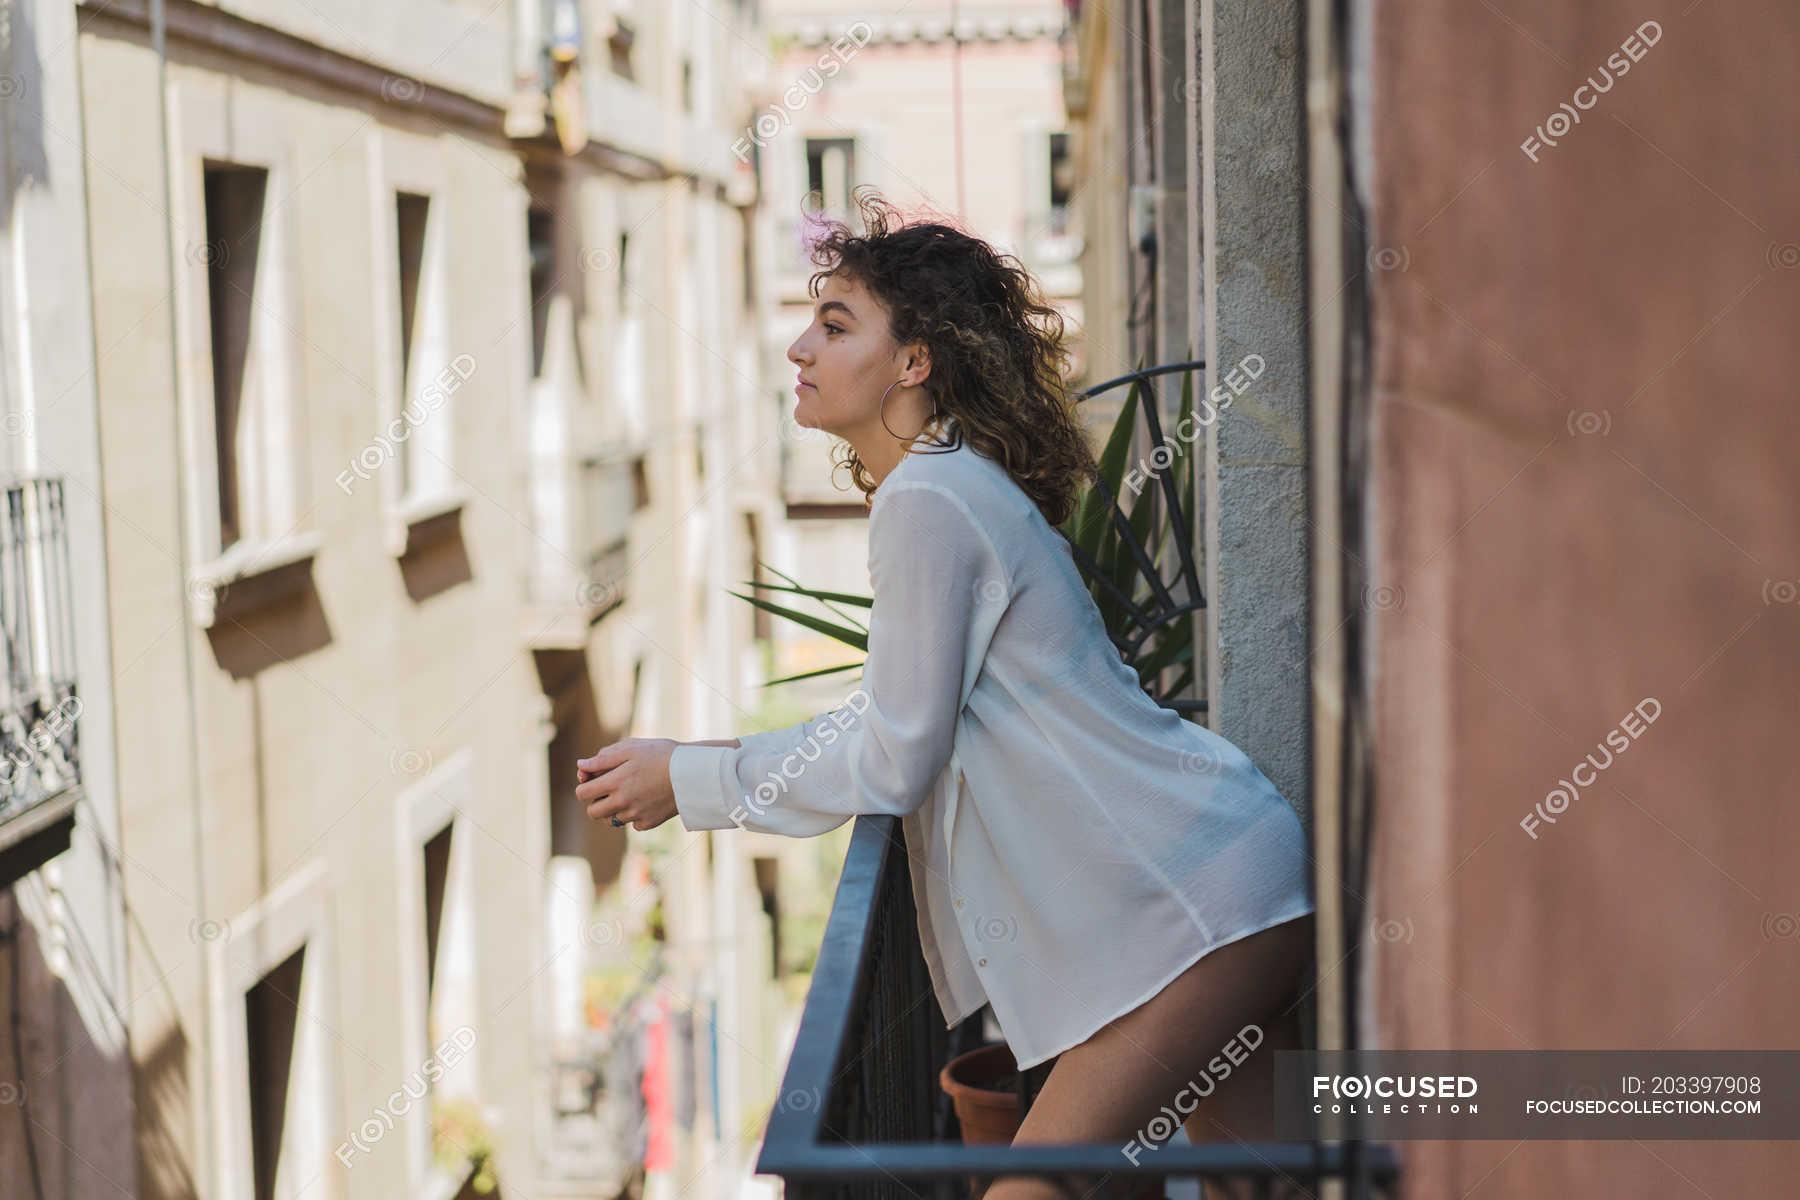 Ютуб девушка на балконе, порно лифчики с вырезами для сосков